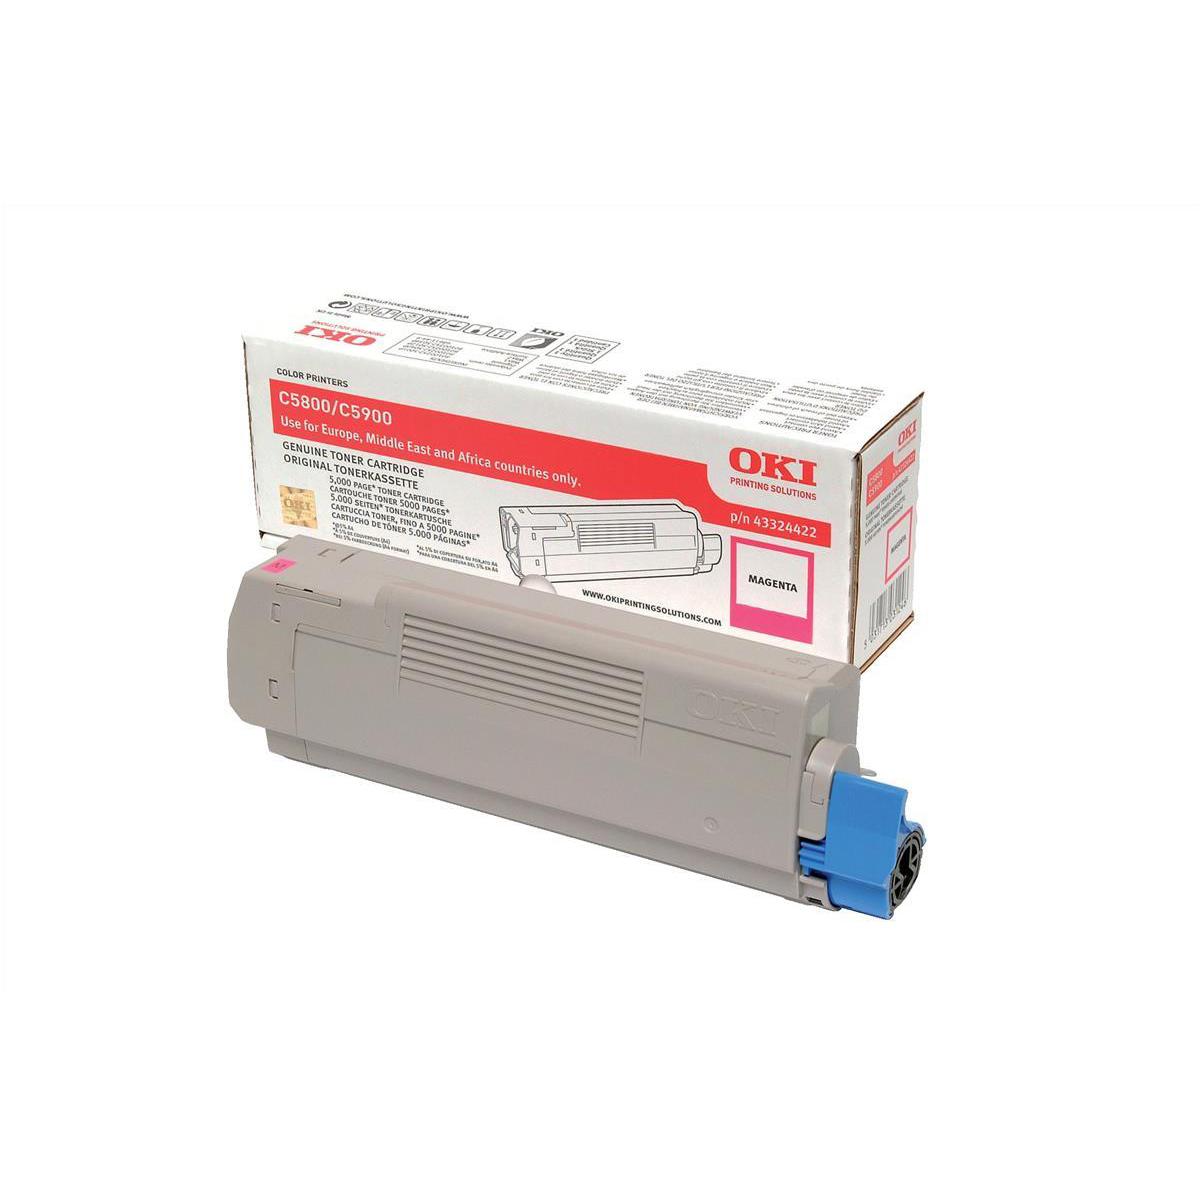 OKI Laser Toner Cartridge Page Life 5000pp Magenta Ref 43324422